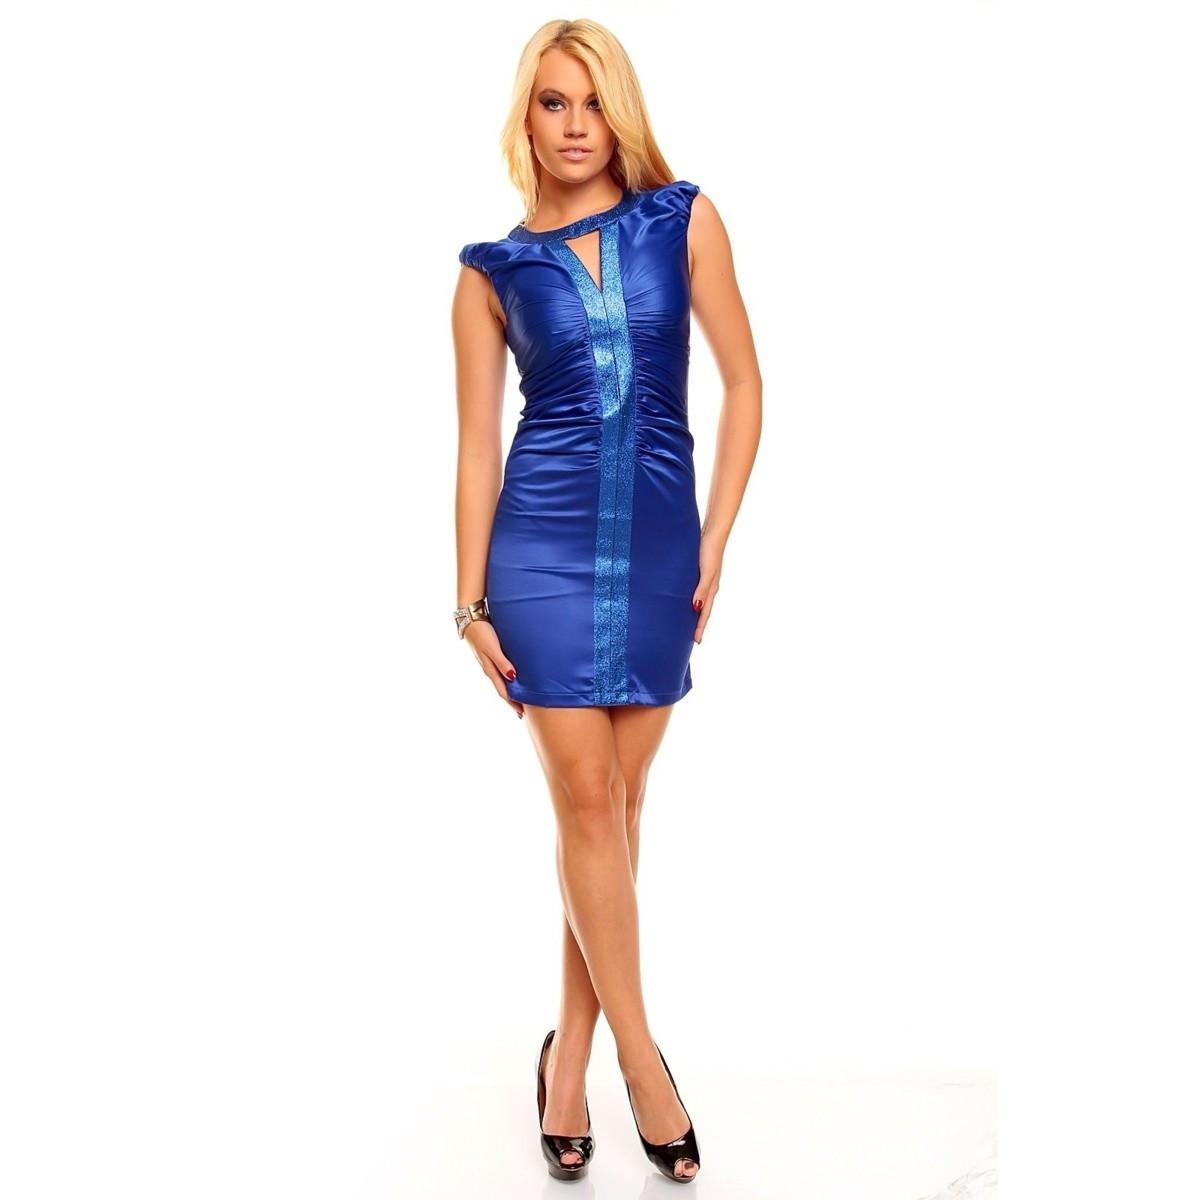 Dámské párty a společenské šaty HS-2166 - Modré XS